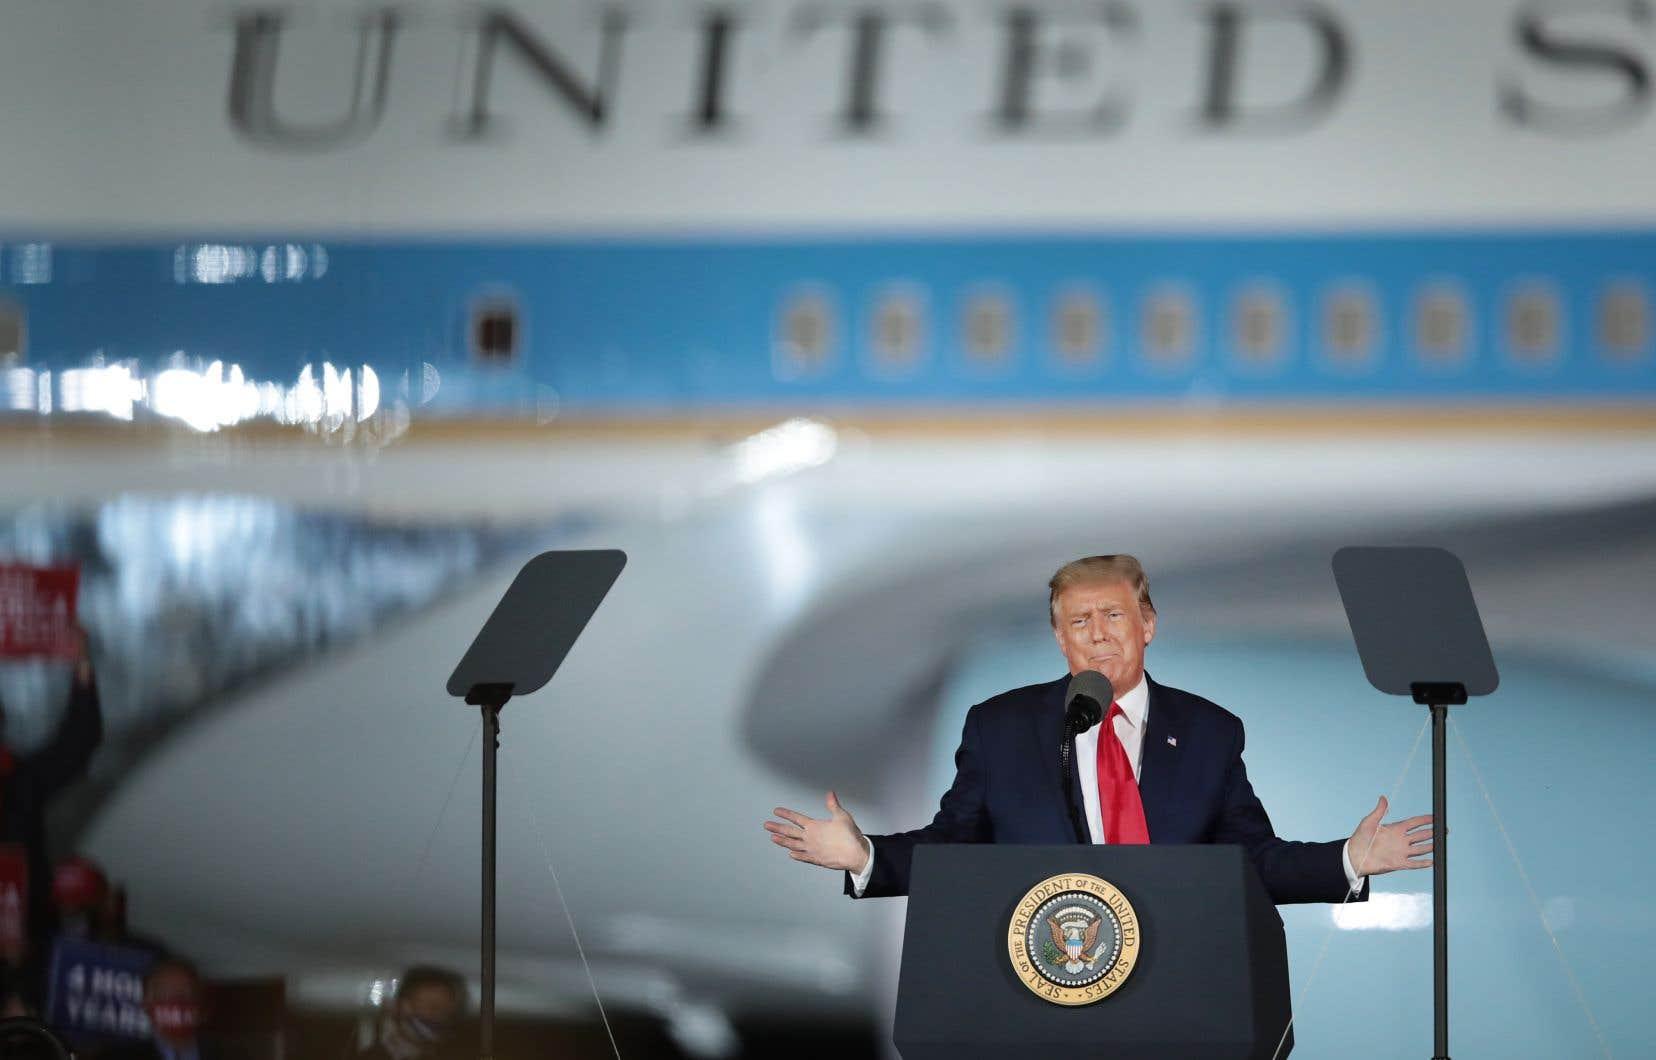 La question des frais de déplacement du président Donald Trump à bord d'Air Force One n'est pas tranchée au couteau.